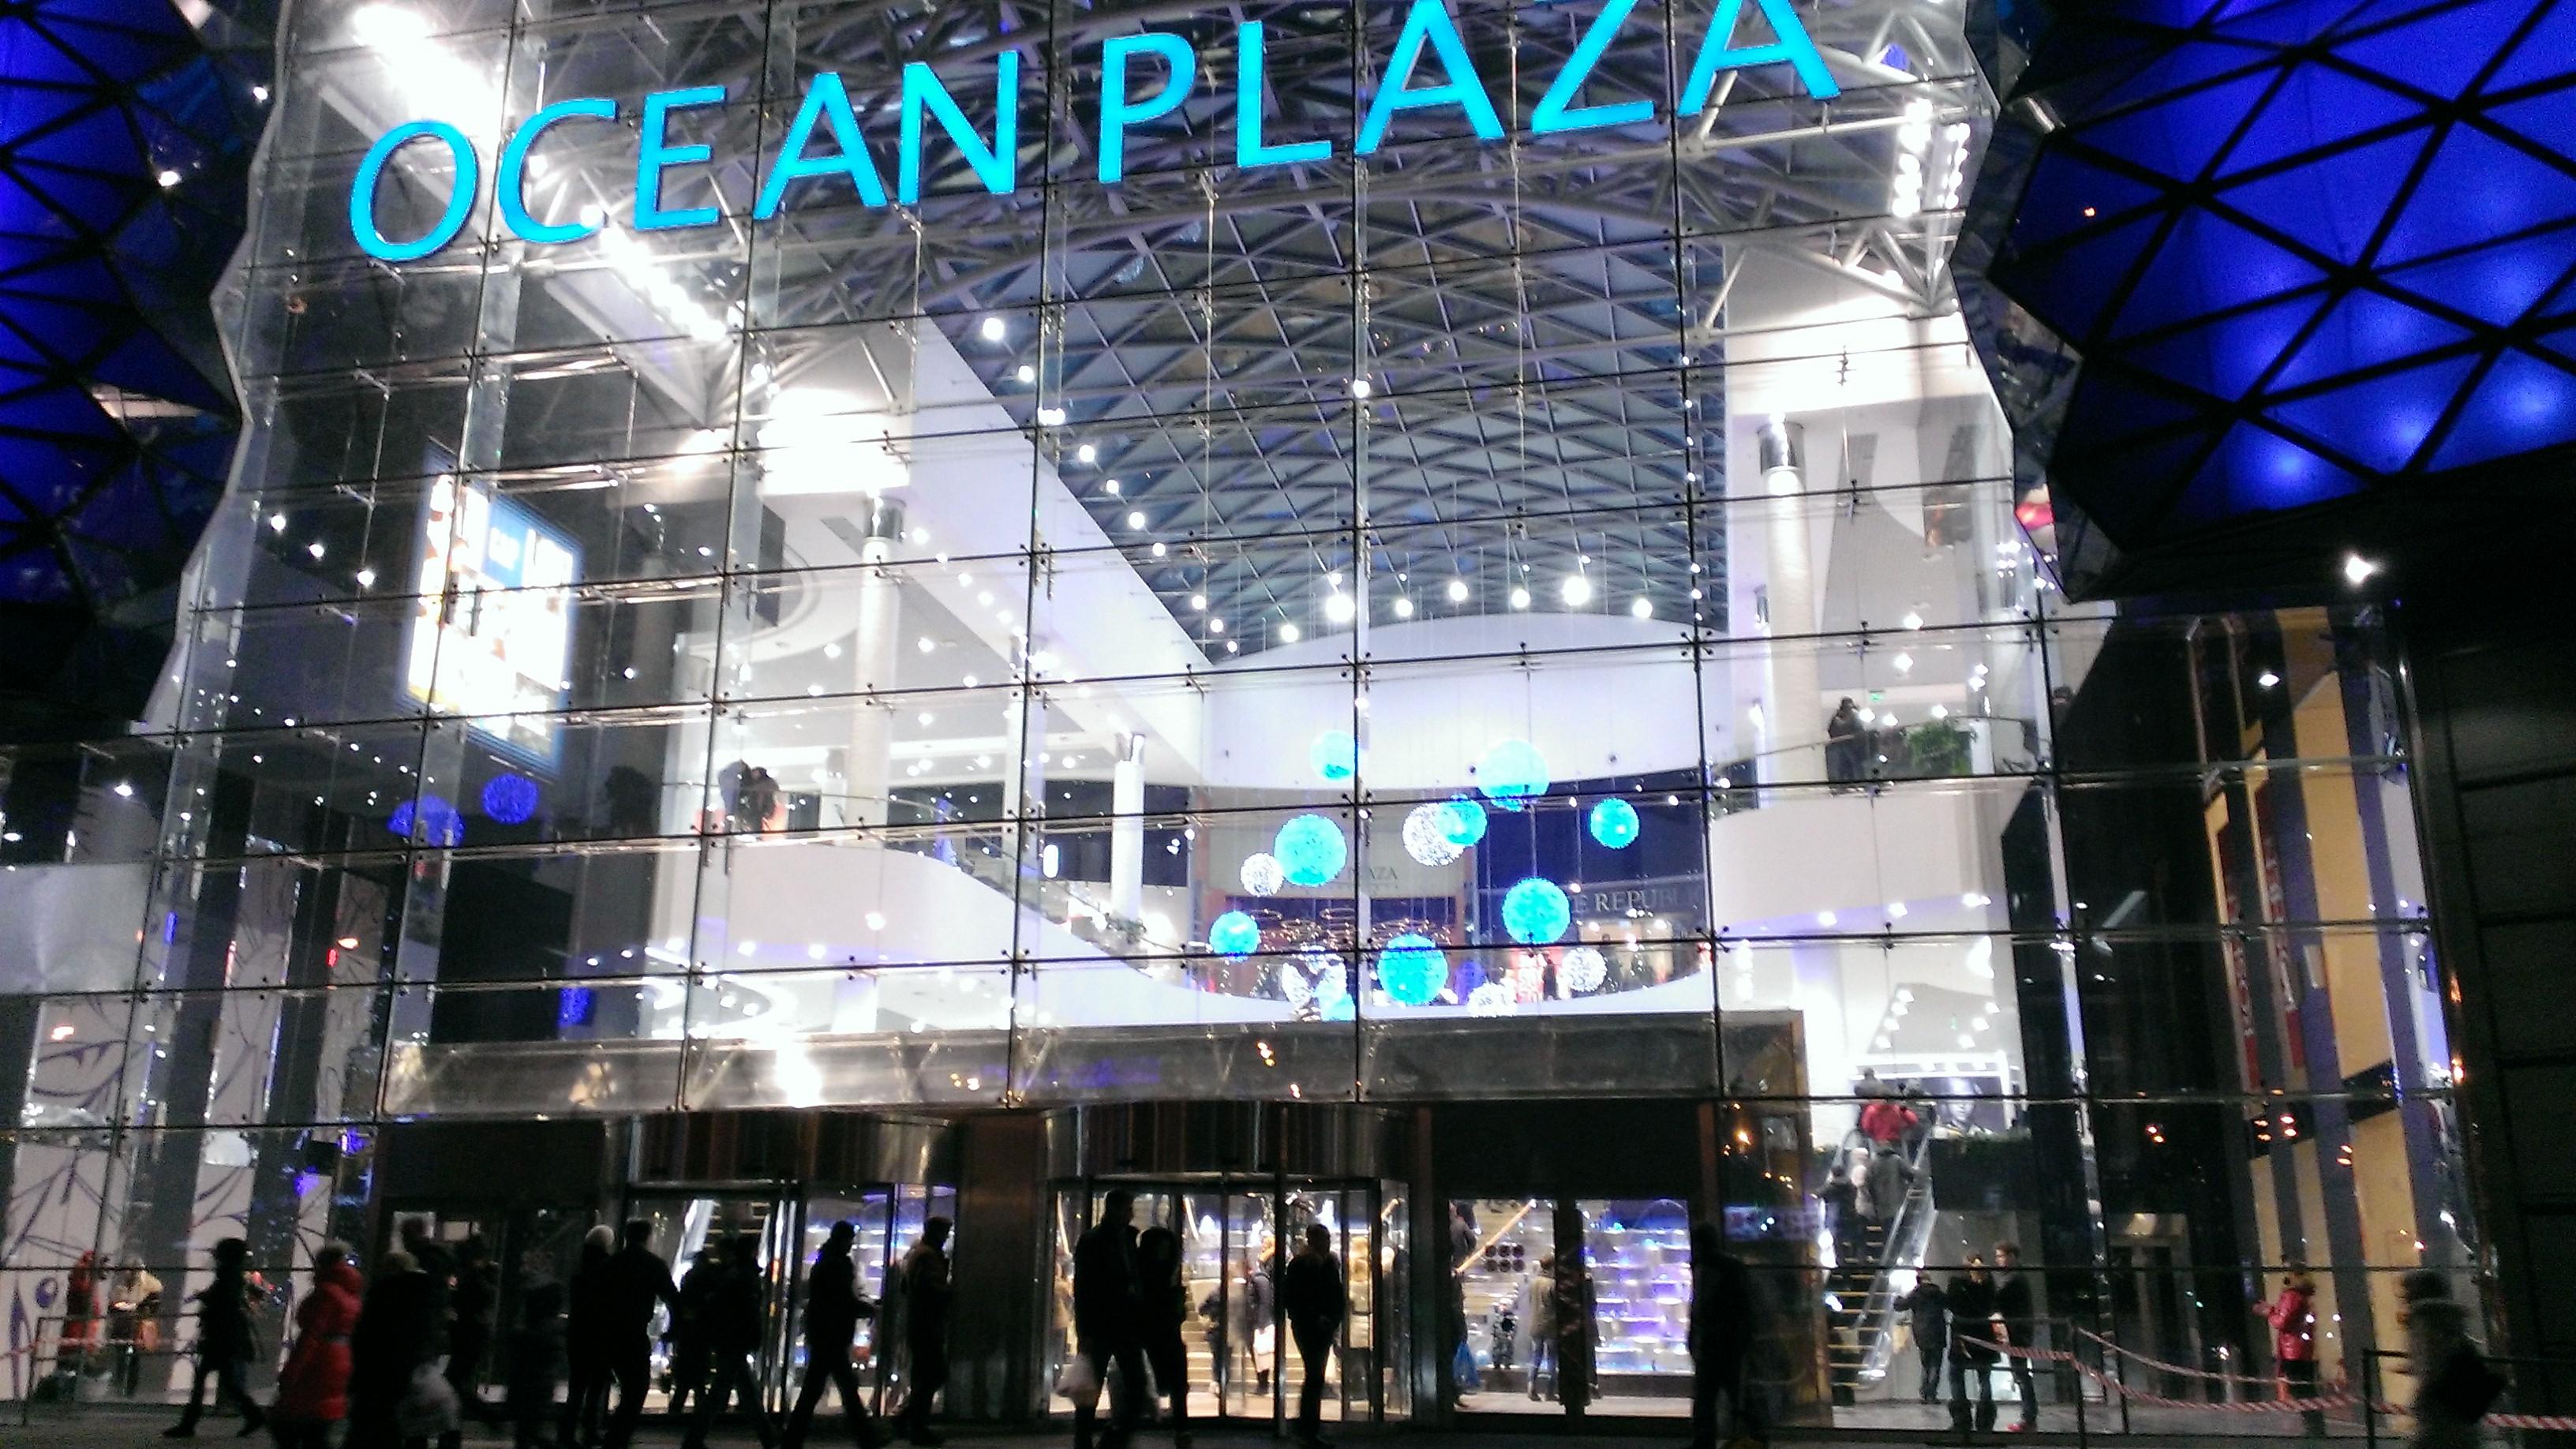 ТРЦ Ocean Plaza - статические фото в вечернее время, в принципе, выглядят неплохо